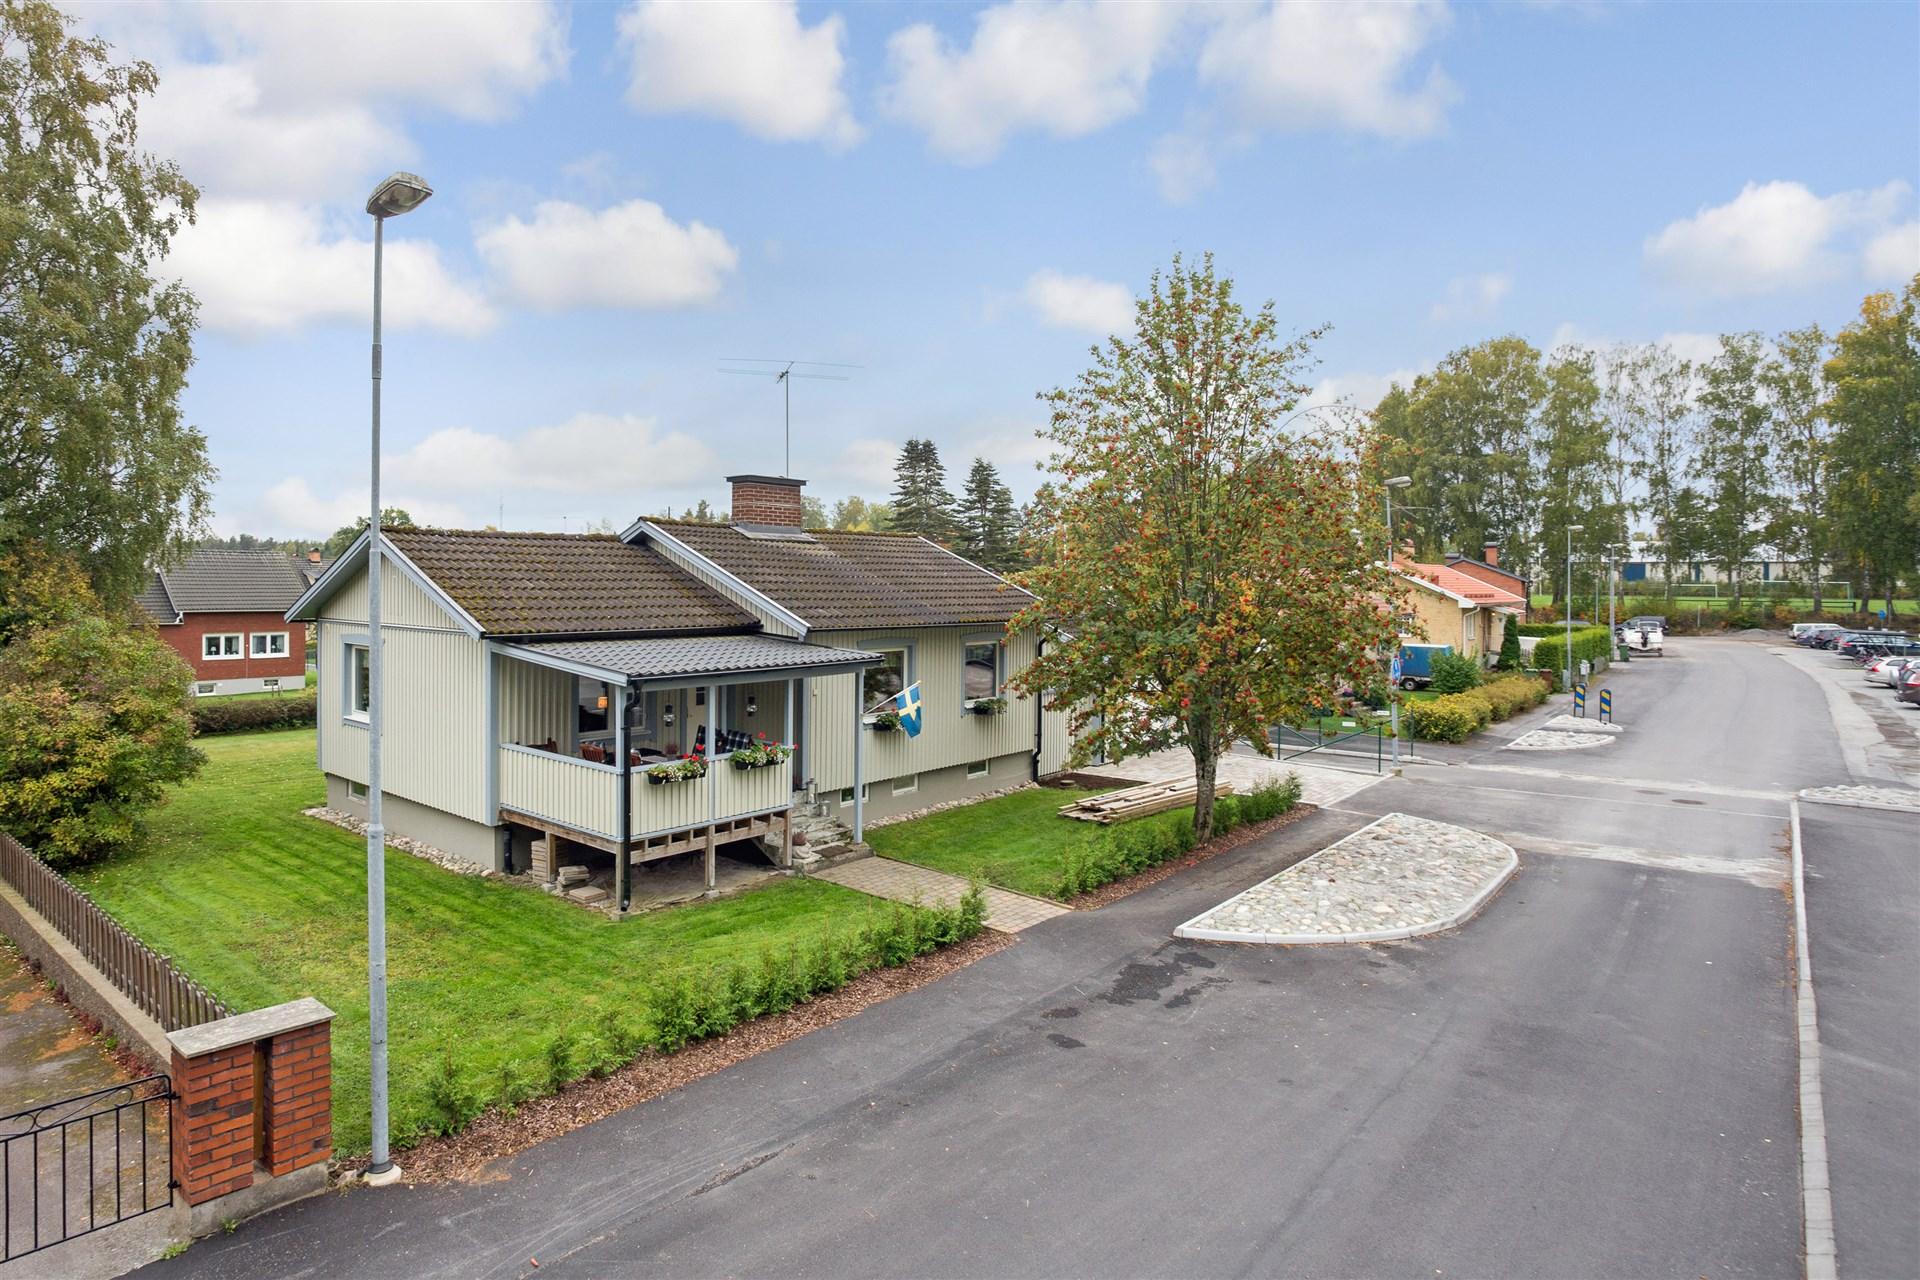 Fin villa i centralt område granne med skola och idrottsplats.